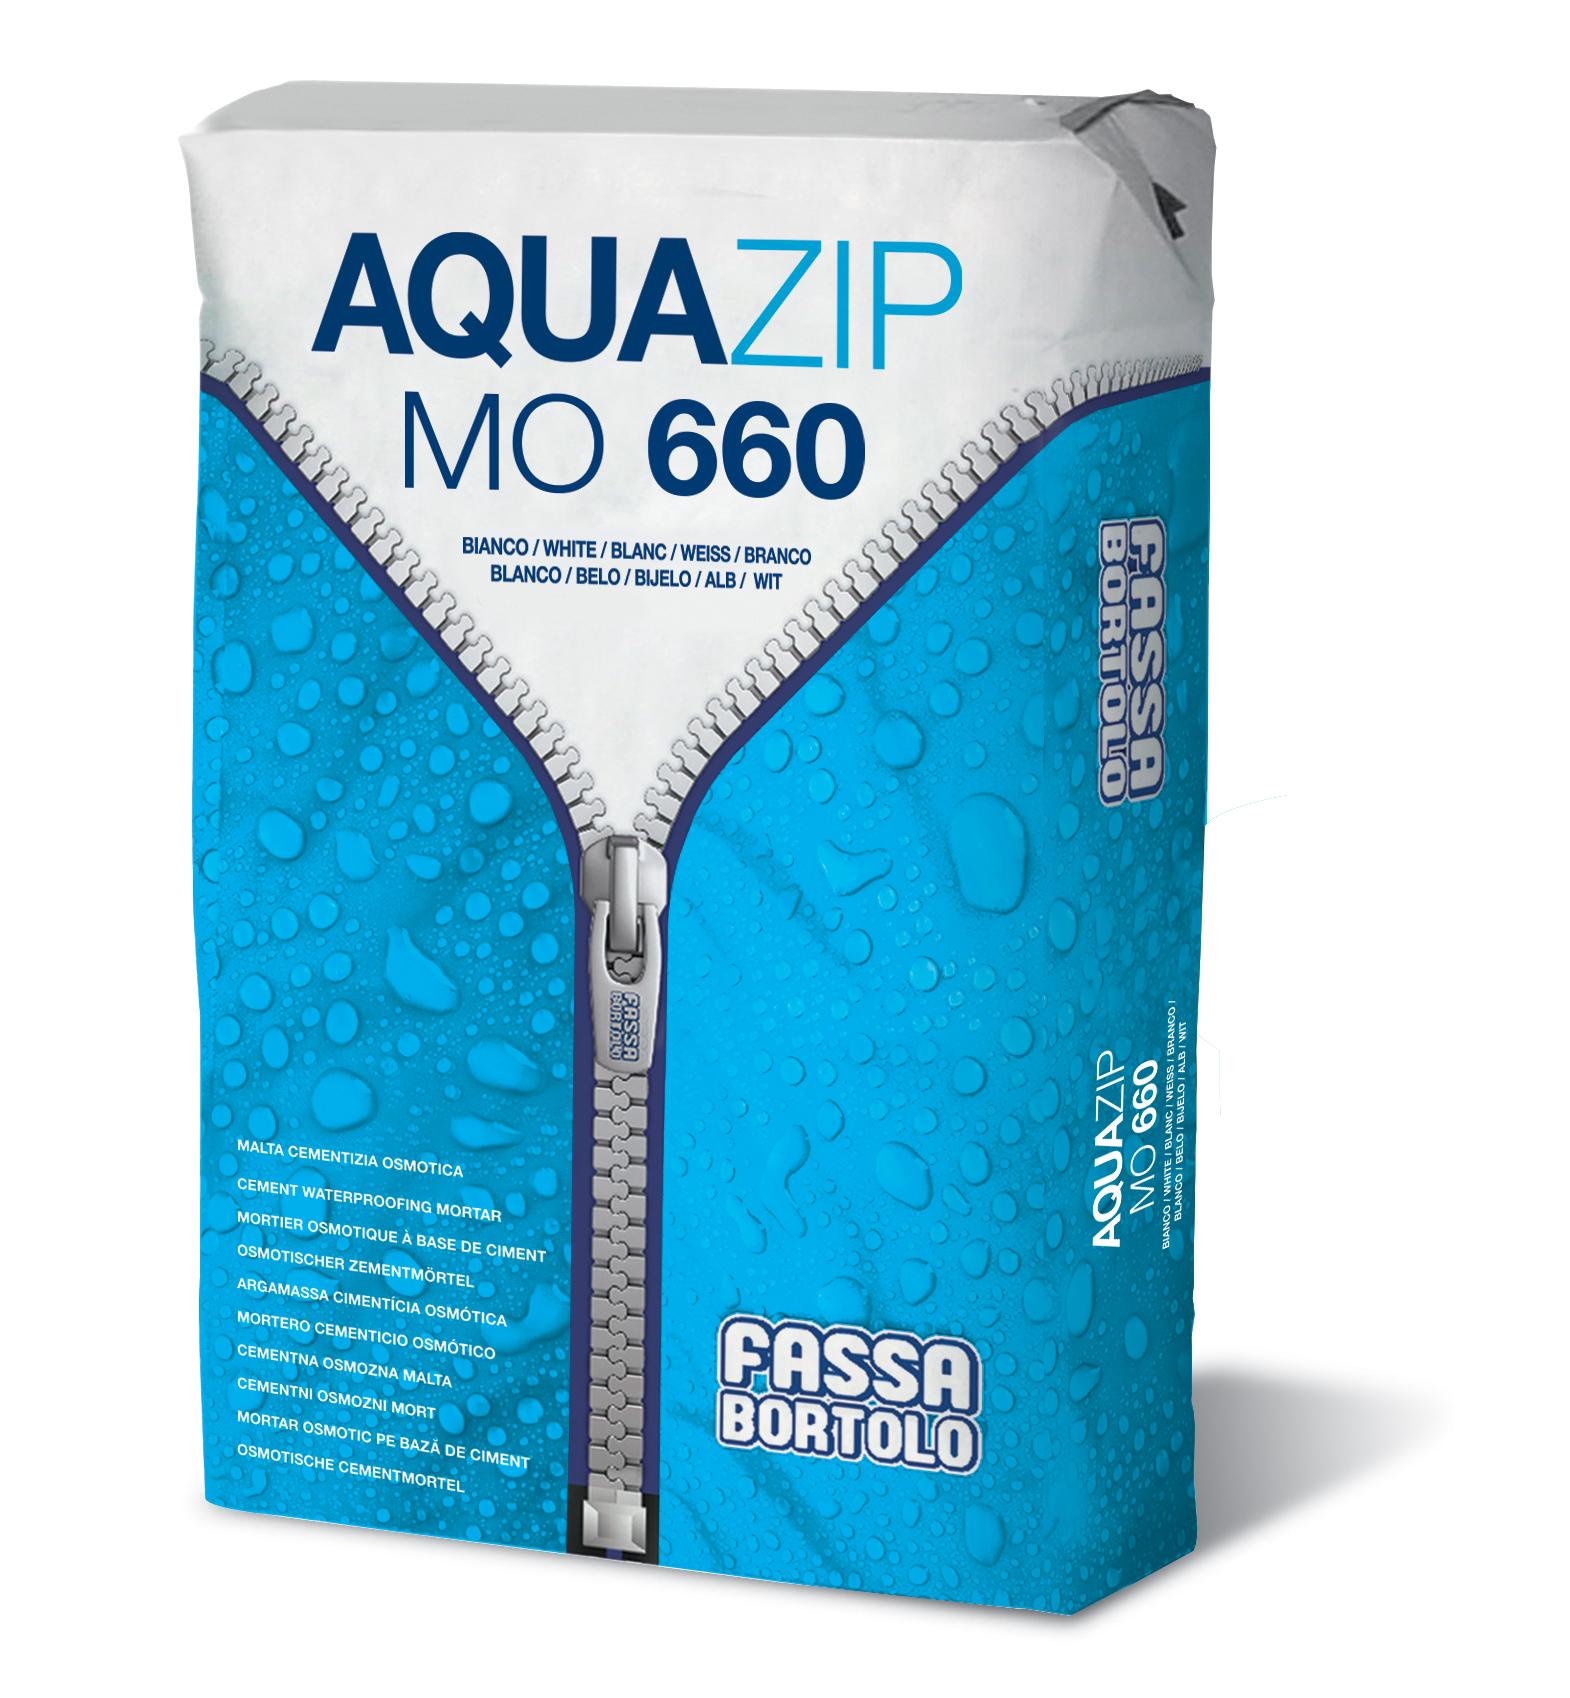 AQUAZIP MO 660